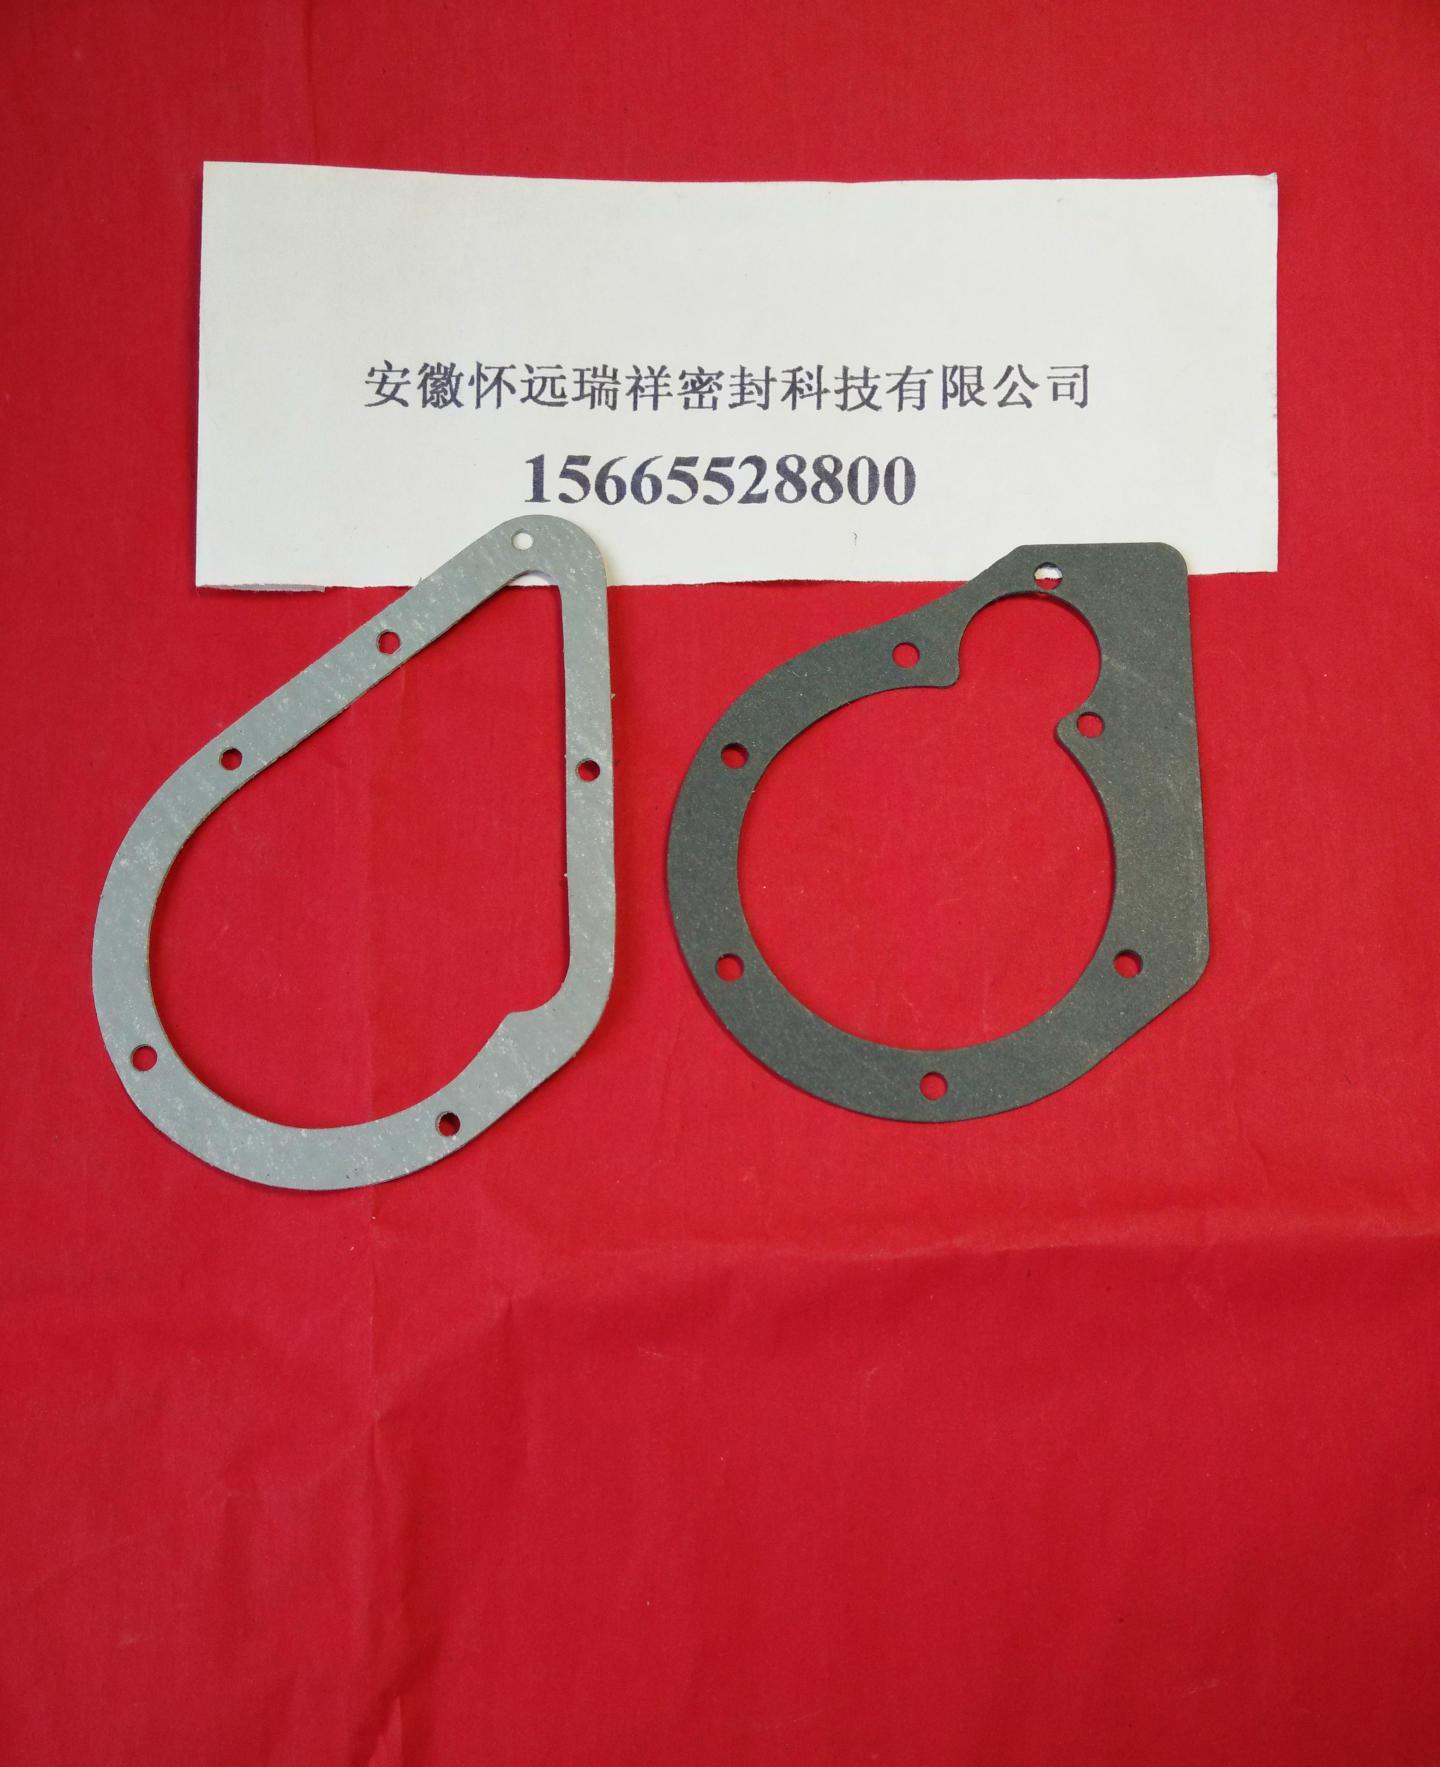 专业生产摇臂钻密封垫片质量保证品种齐全(免费拿样)